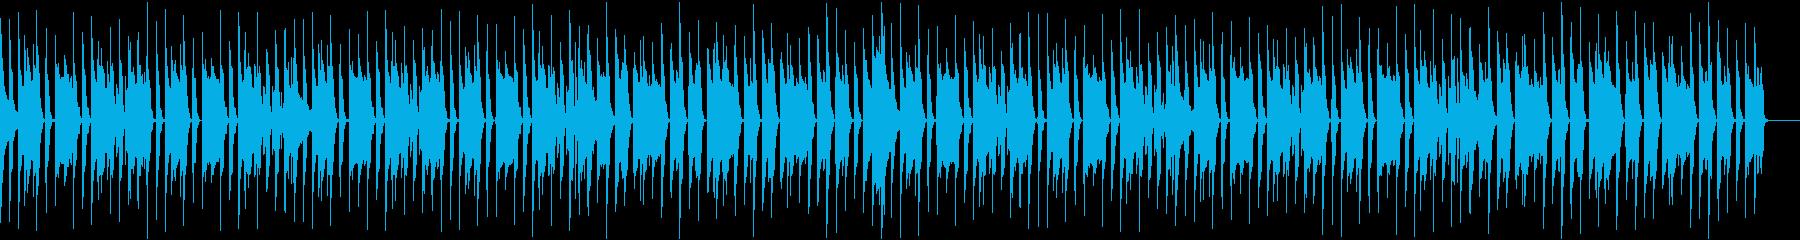 ピアノメインの軽快なBGMの再生済みの波形